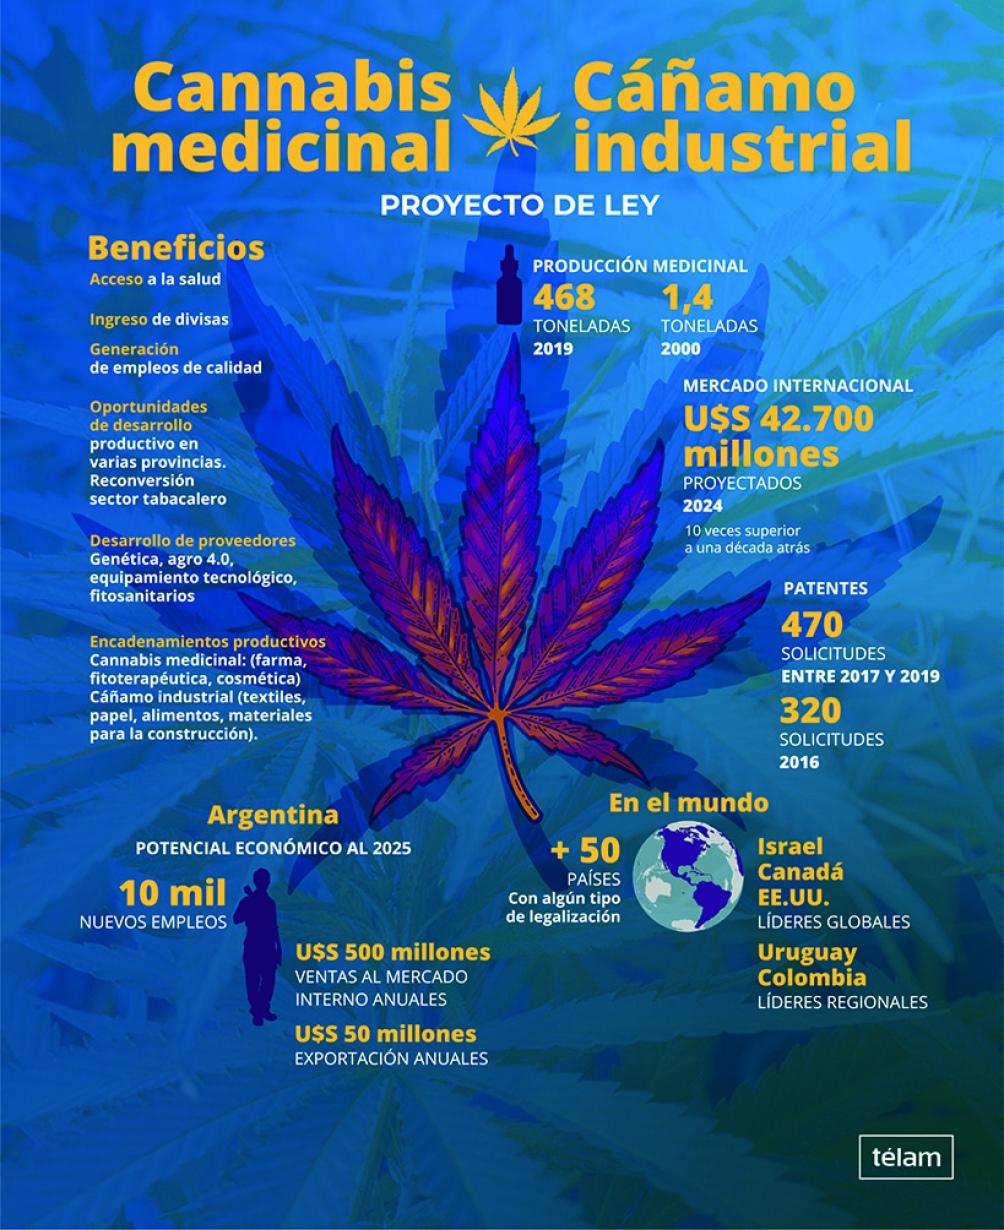 El Senado tratará el proyecto para regular el uso de cannabis medicinal • Canal C